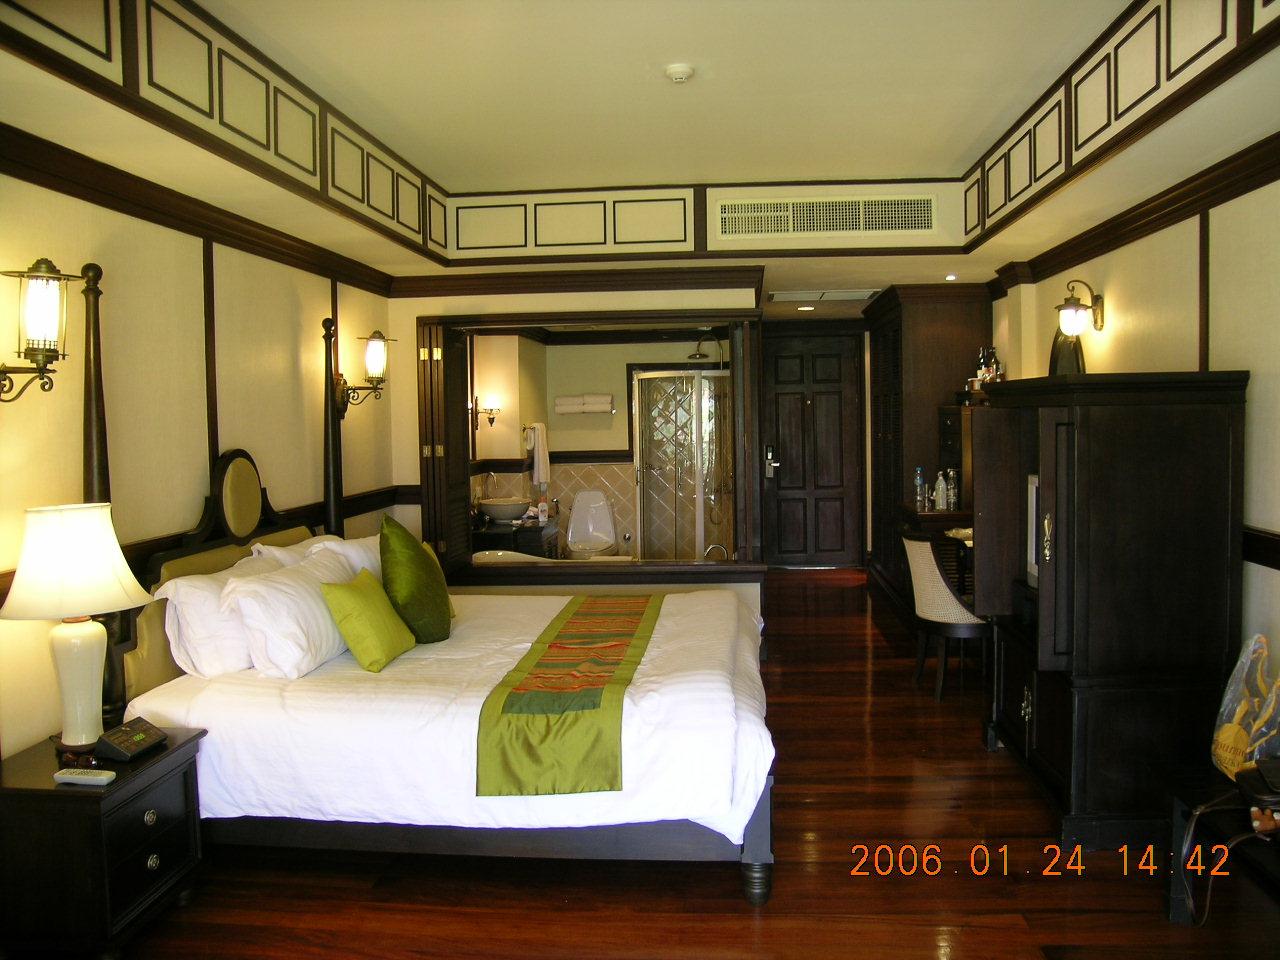 旅游攻略 喜欢泰国 - 2006曼谷,清迈,华欣游记3  坐到了回家的飞机上.